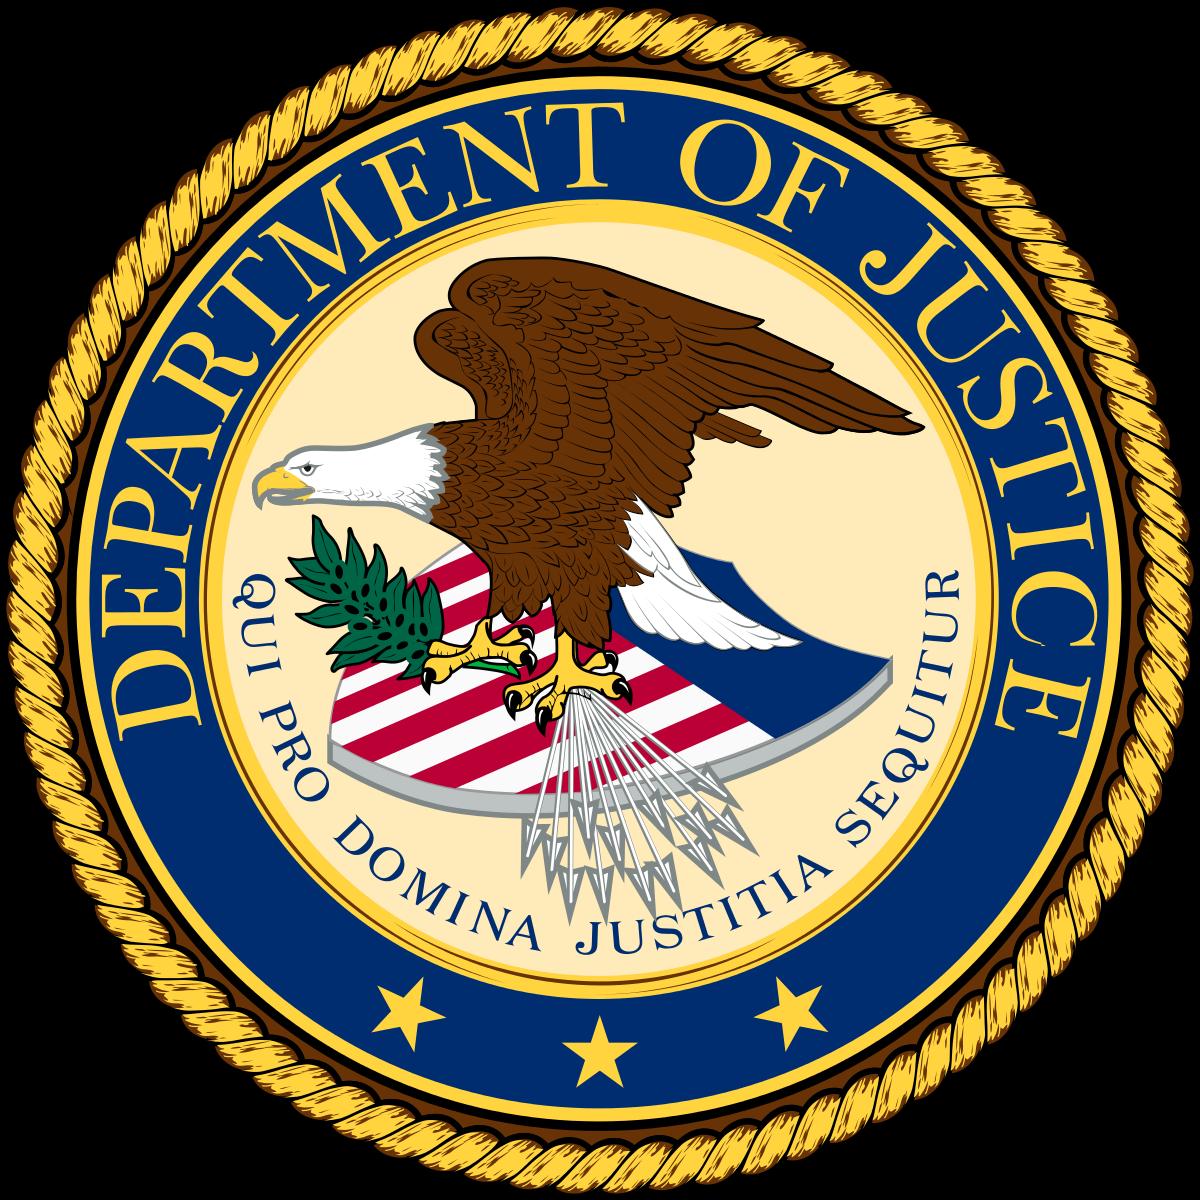 U.S. Department of Justice